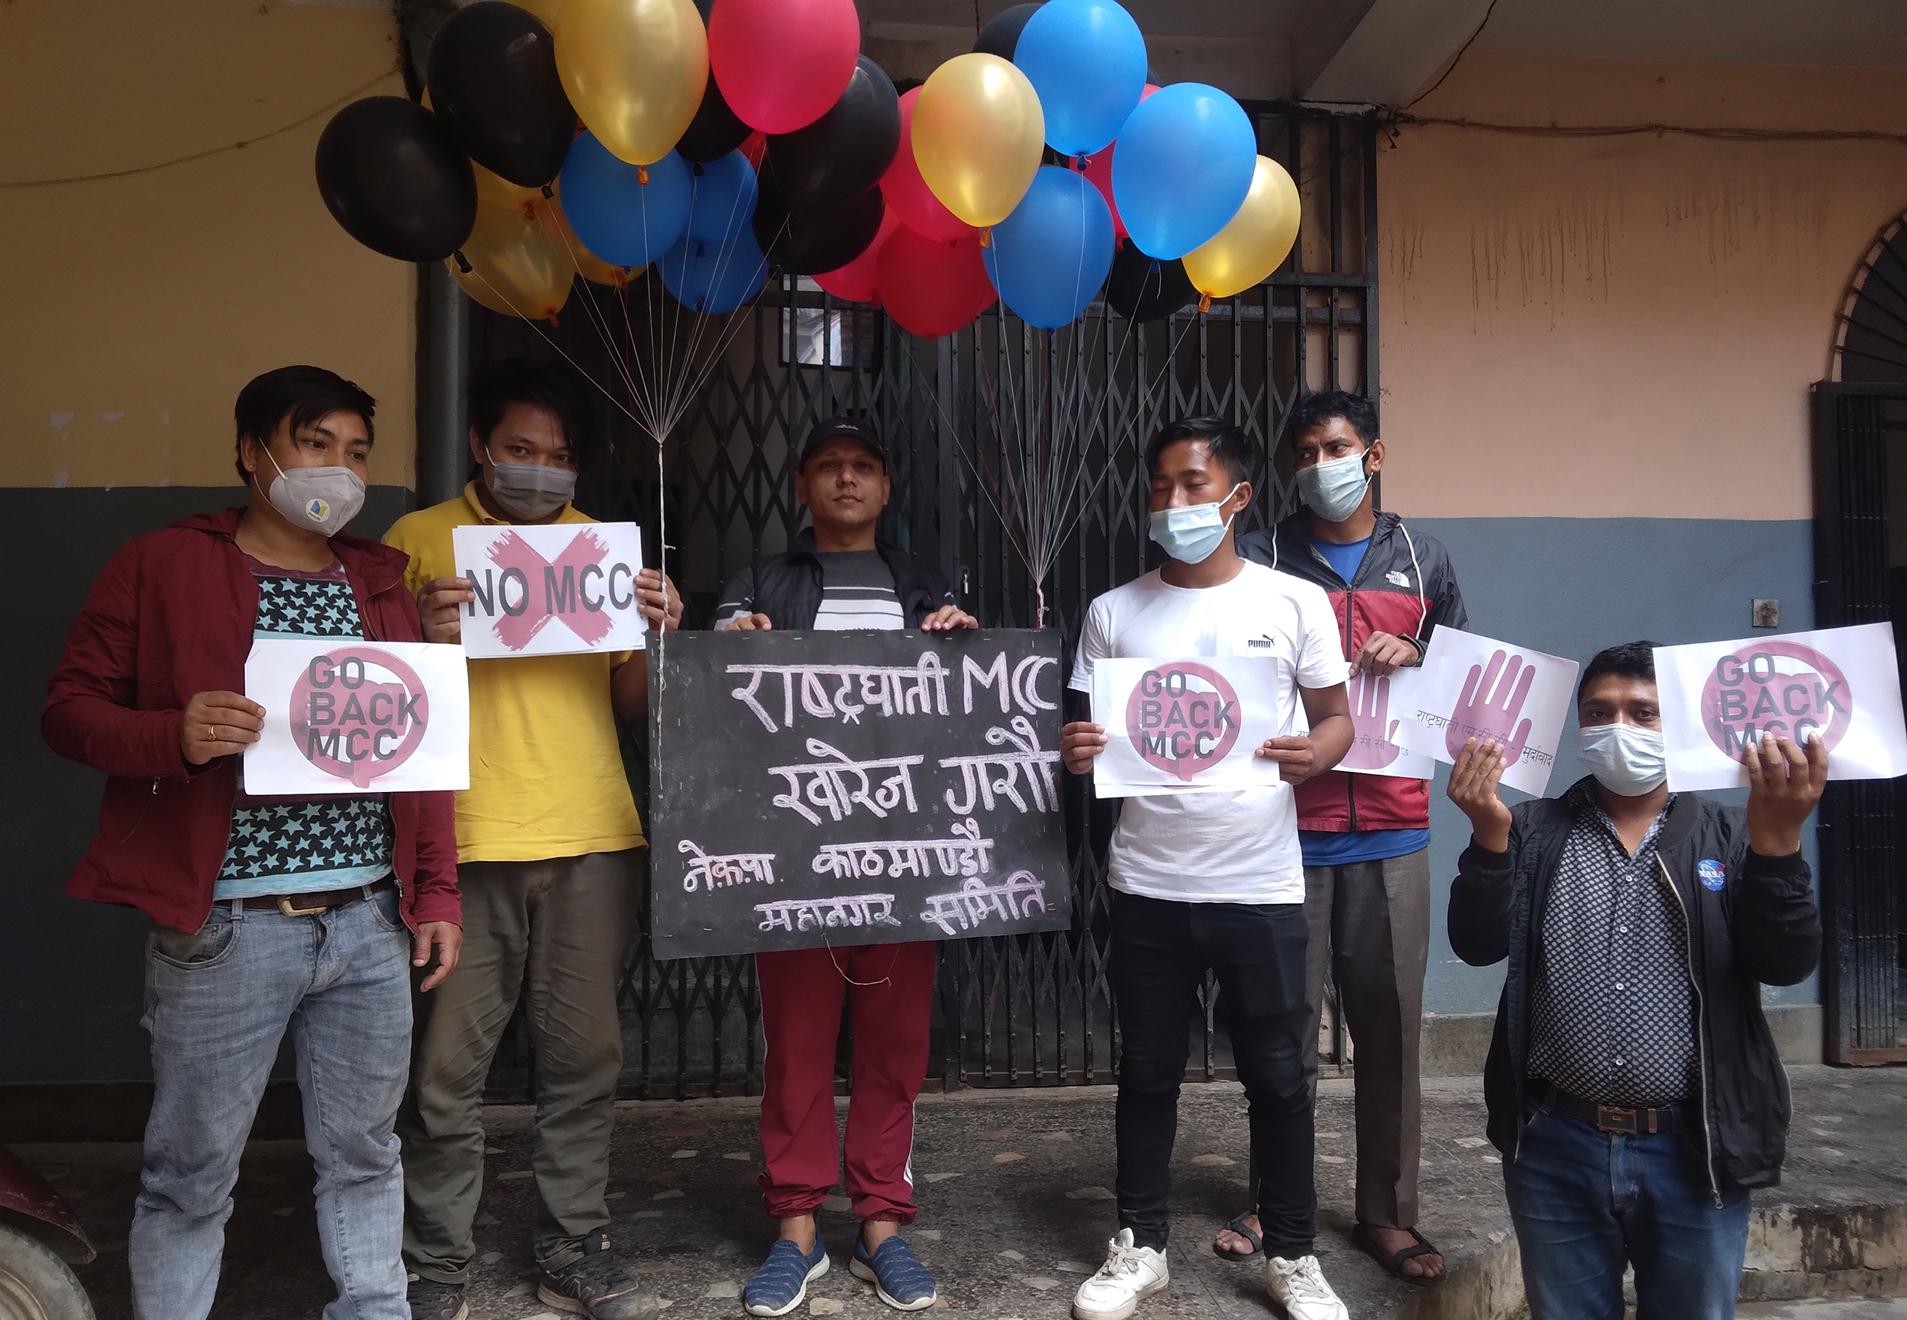 एमसीसी सम्झौता विरुद्ध नेकपा काठमाण्डौ महानगरले एकैपटक सात ठाउँबाट उडायो कालो व्यानरमा बेलुन